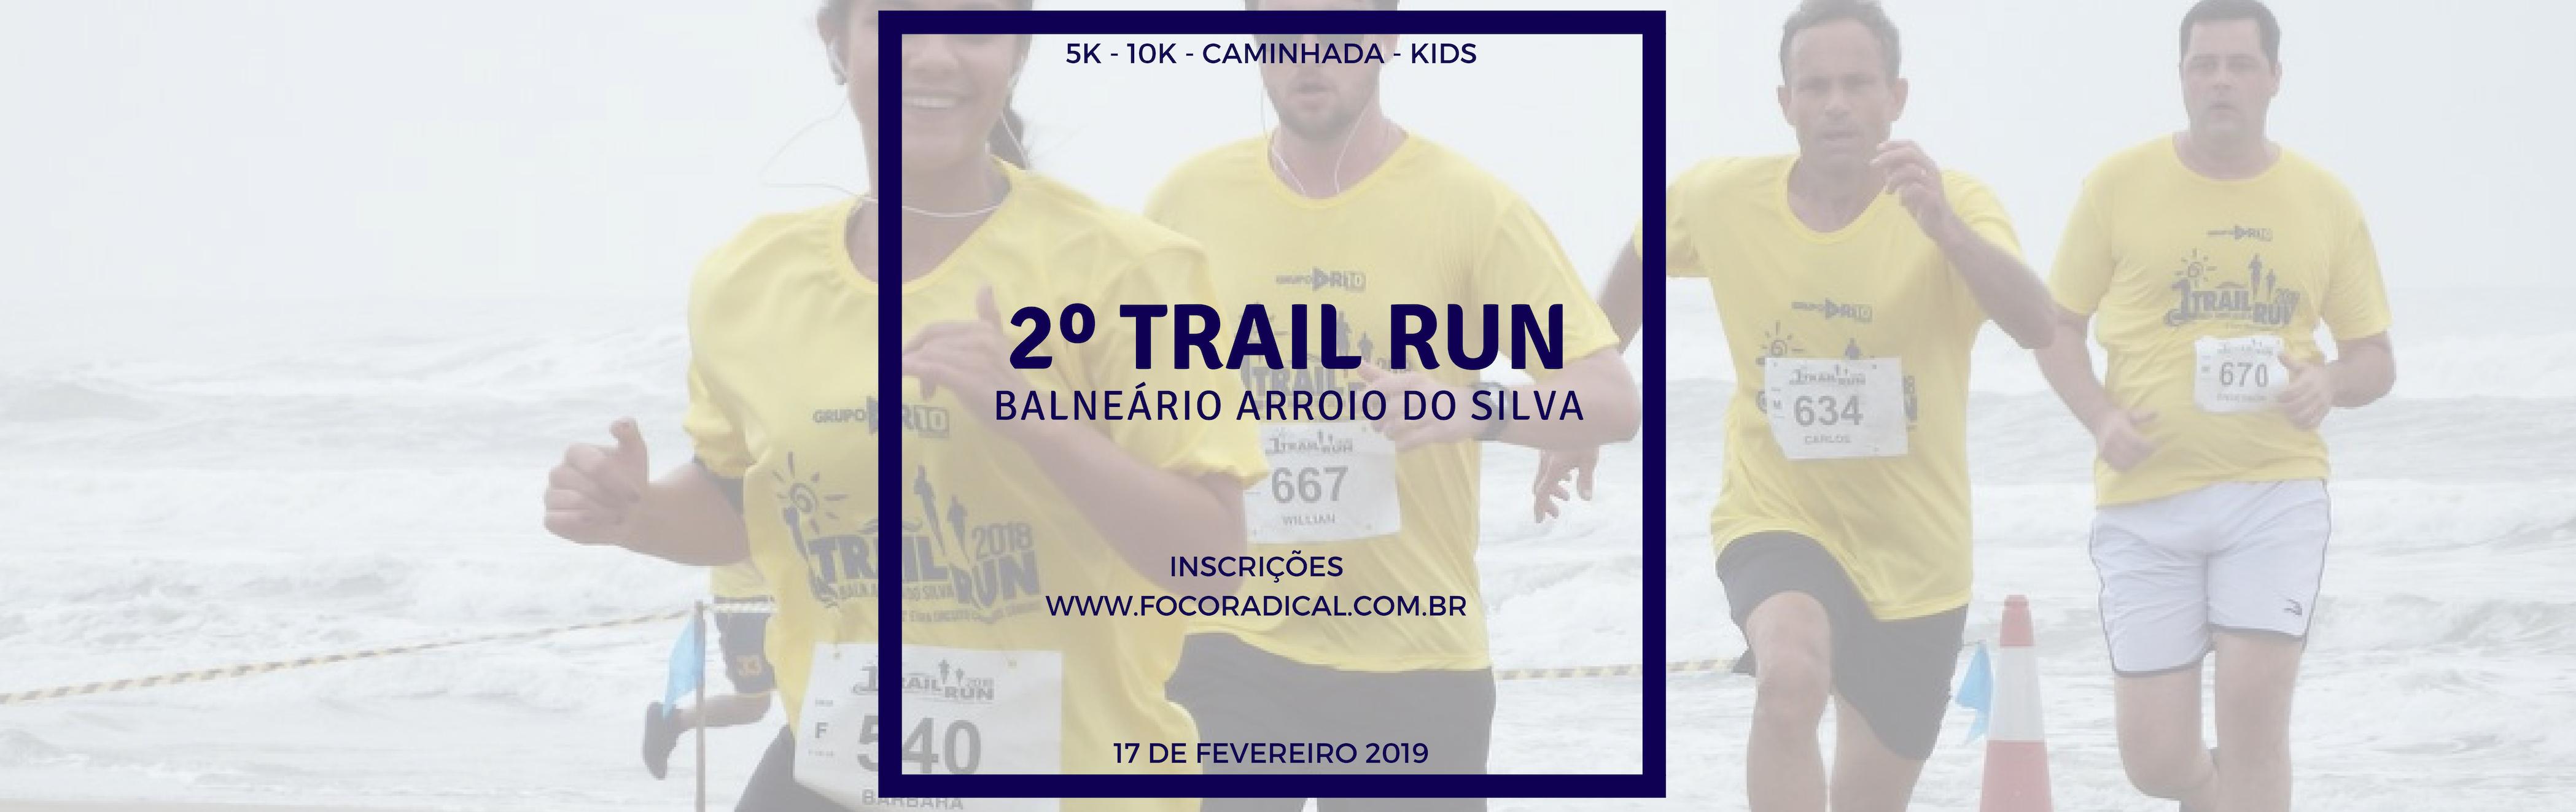 2º Trail Run Balneário Arroio do Silva